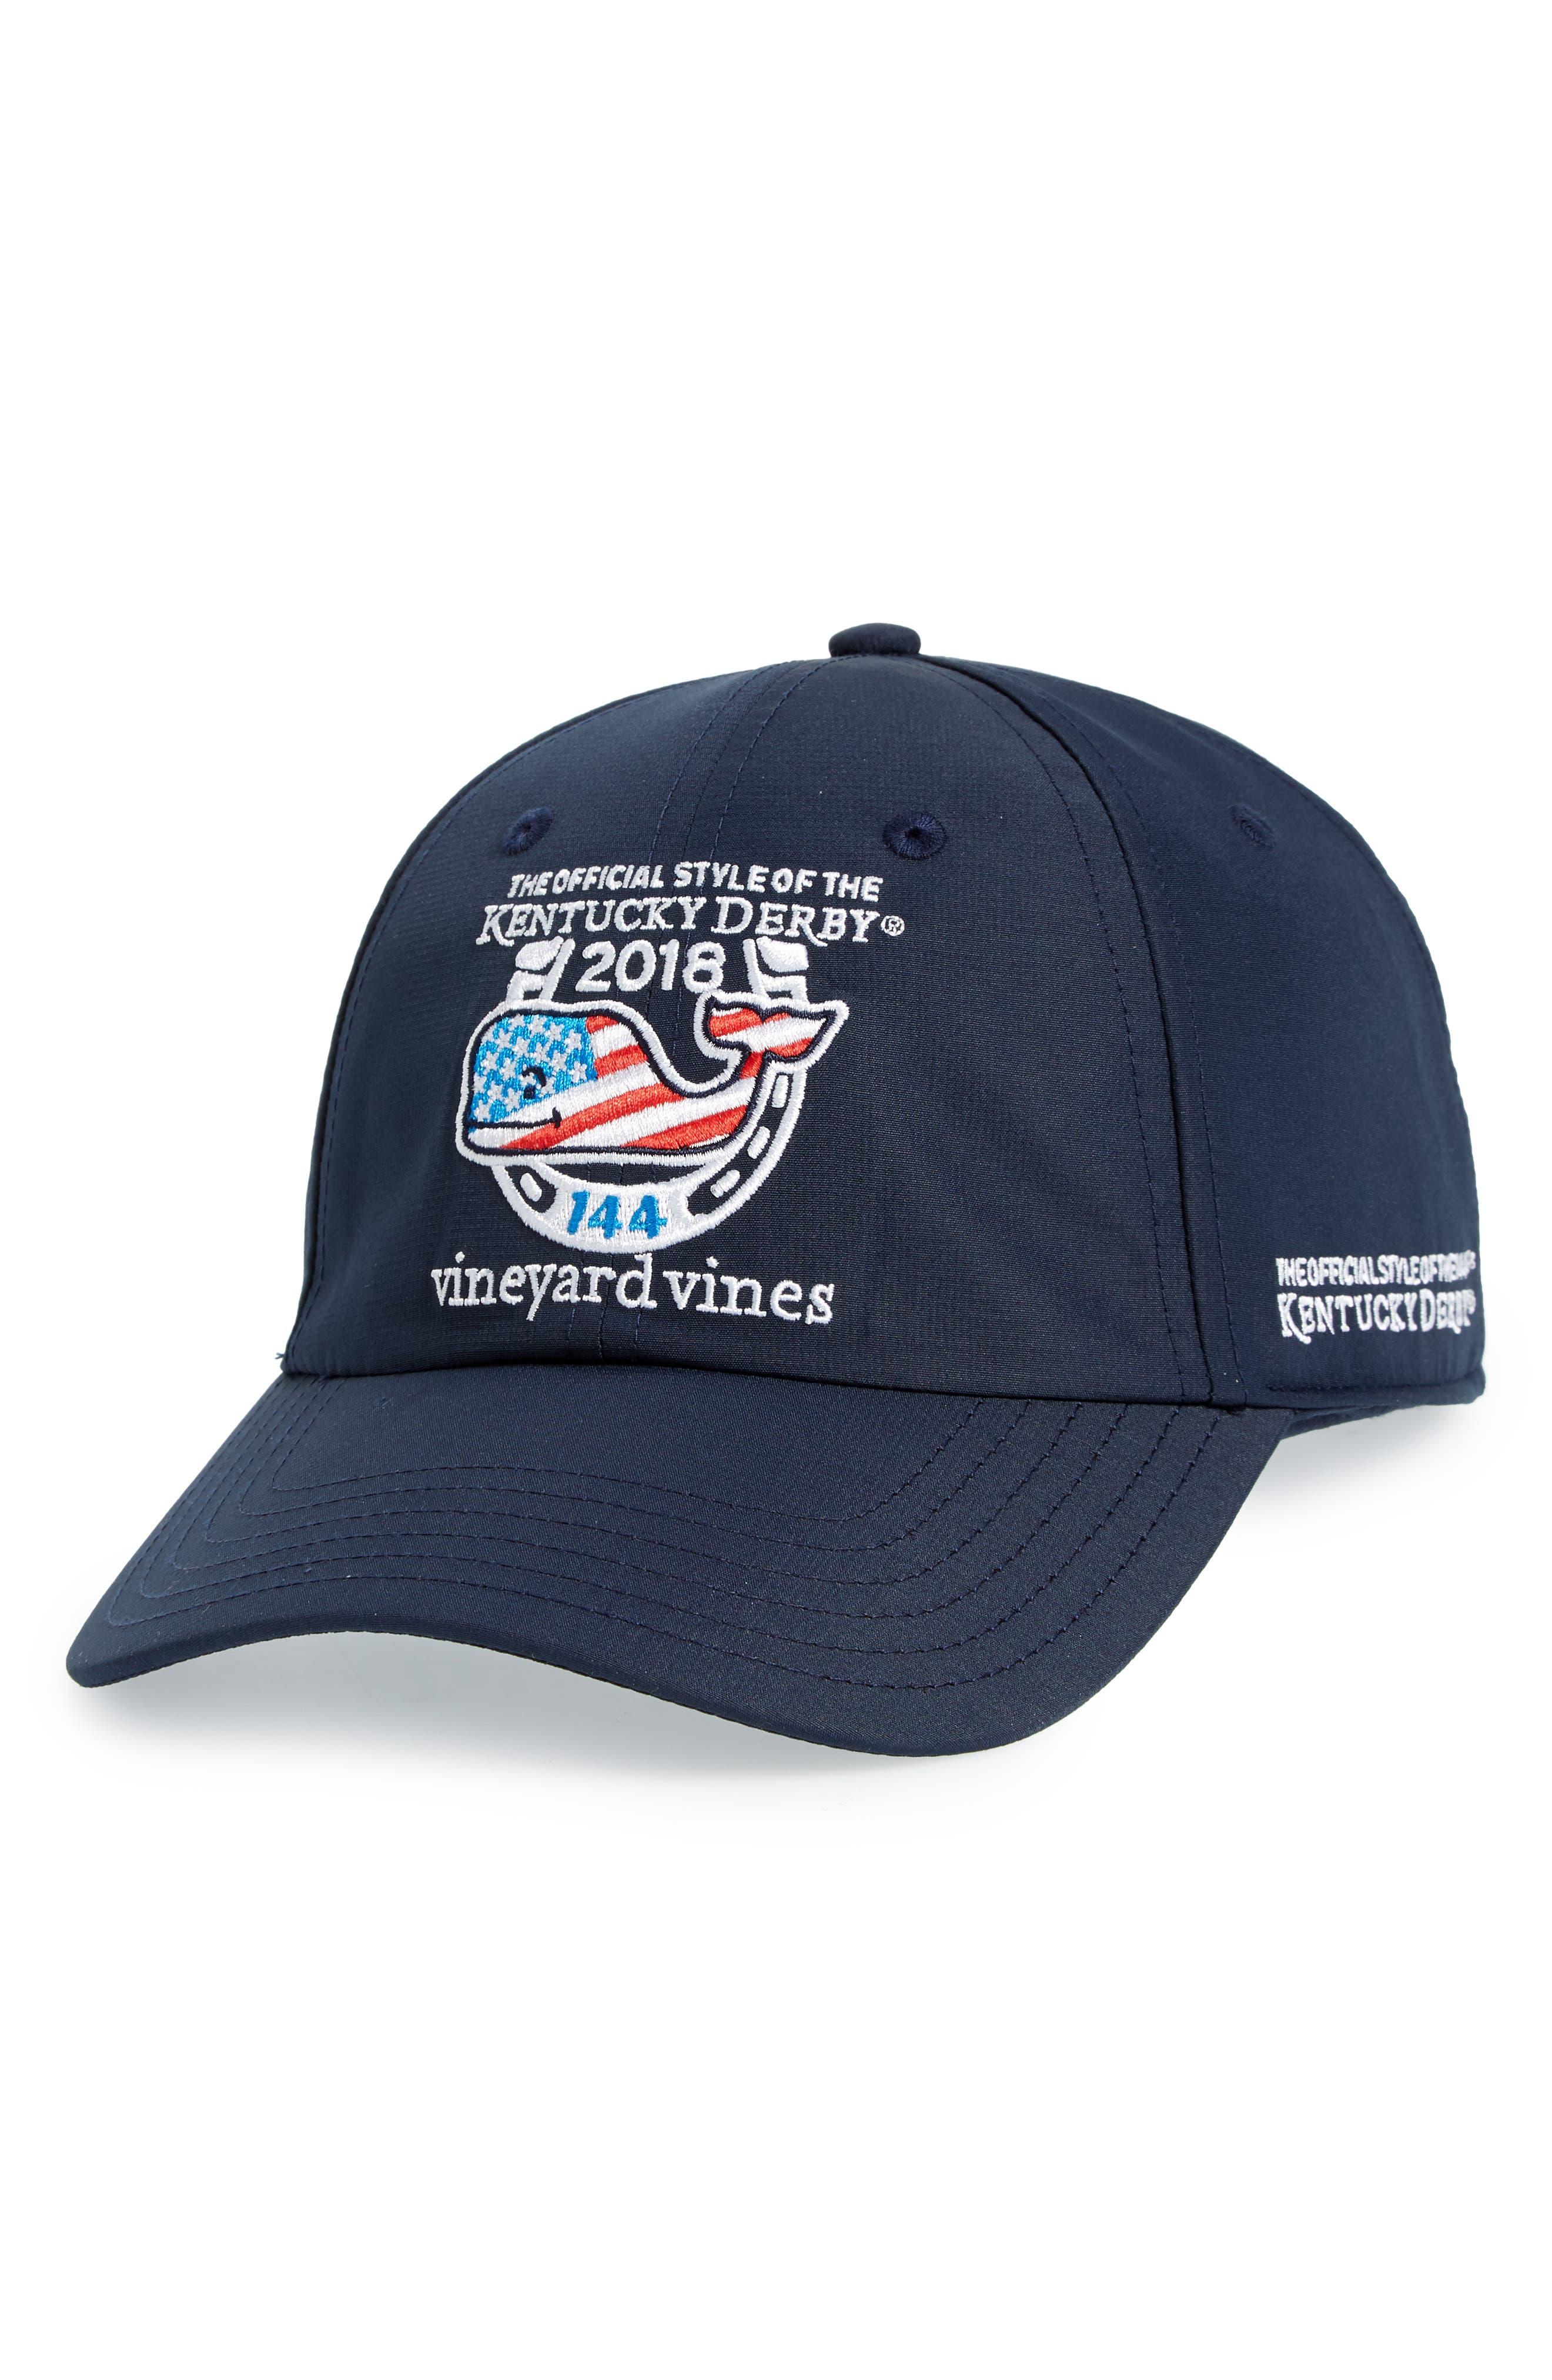 2018 Kentucky Derby<sup>®</sup> Ball Cap,                         Main,                         color, 410